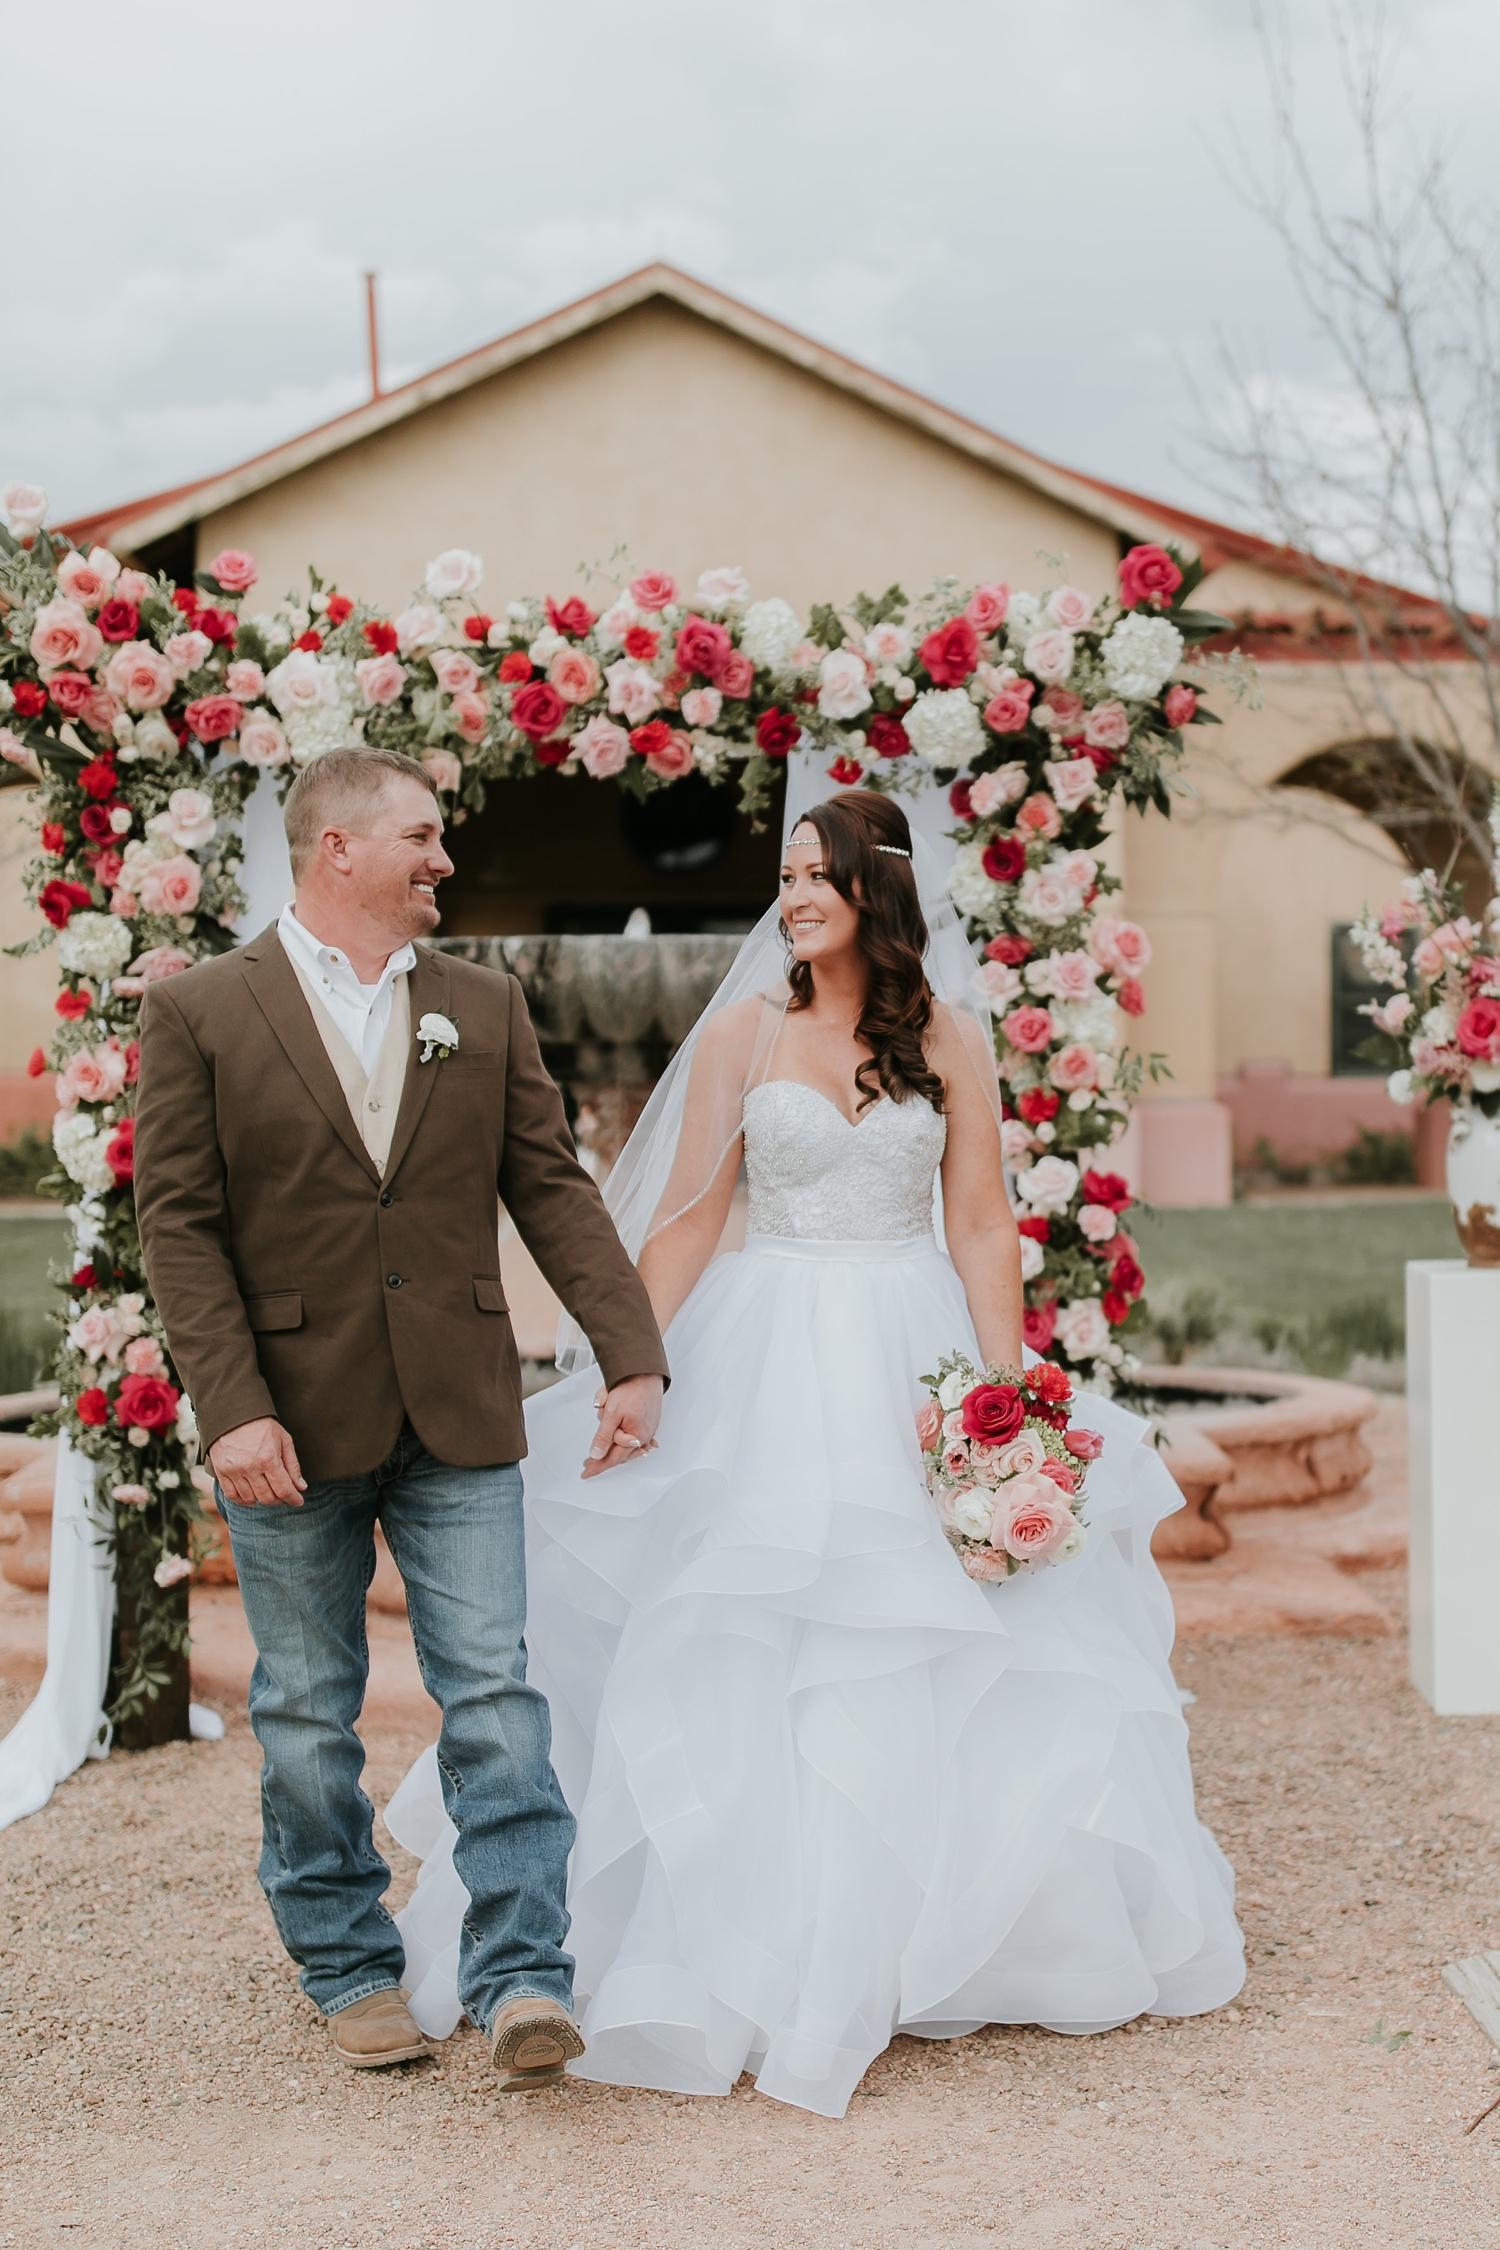 Alicia+lucia+photography+-+albuquerque+wedding+photographer+-+santa+fe+wedding+photography+-+new+mexico+wedding+photographer+-+new+mexico+engagement+-+la+mesita+ranch+wedding+-+la+mesita+ranch+spring+wedding_0047.jpg